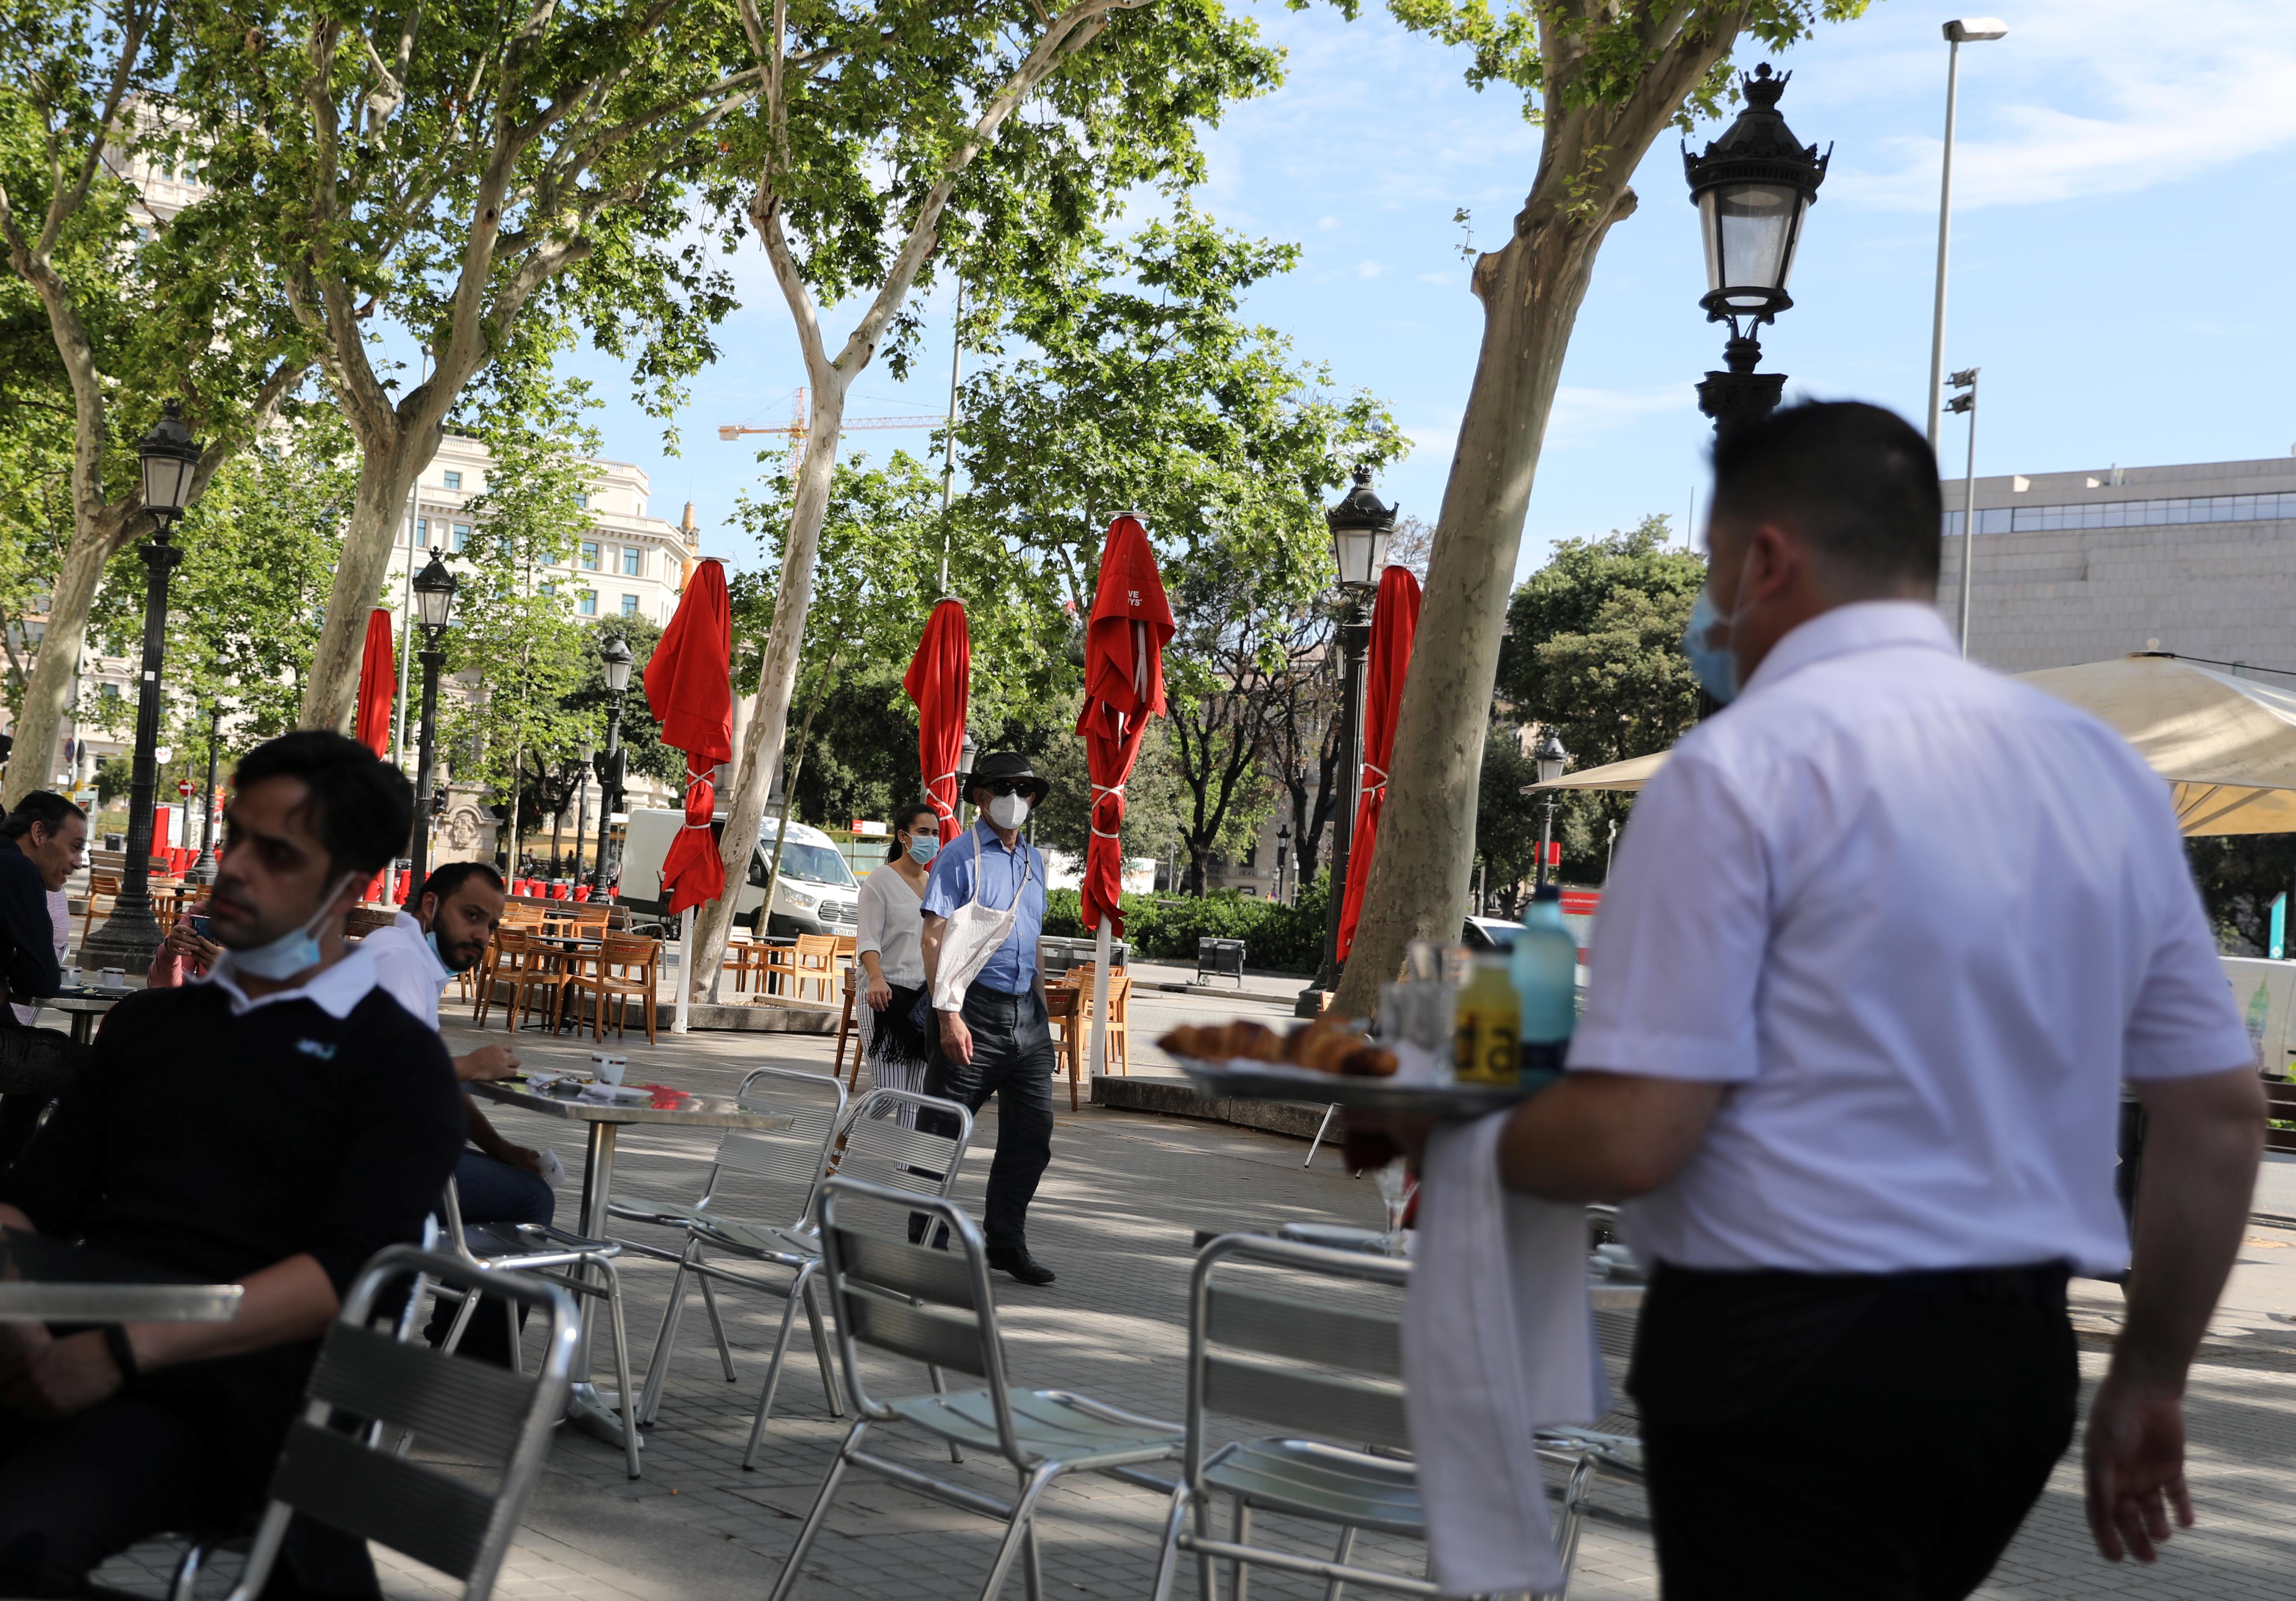 El bar Zurich en Plaza de Catalunya en Barcelona (REUTERS/Nacho Doce)